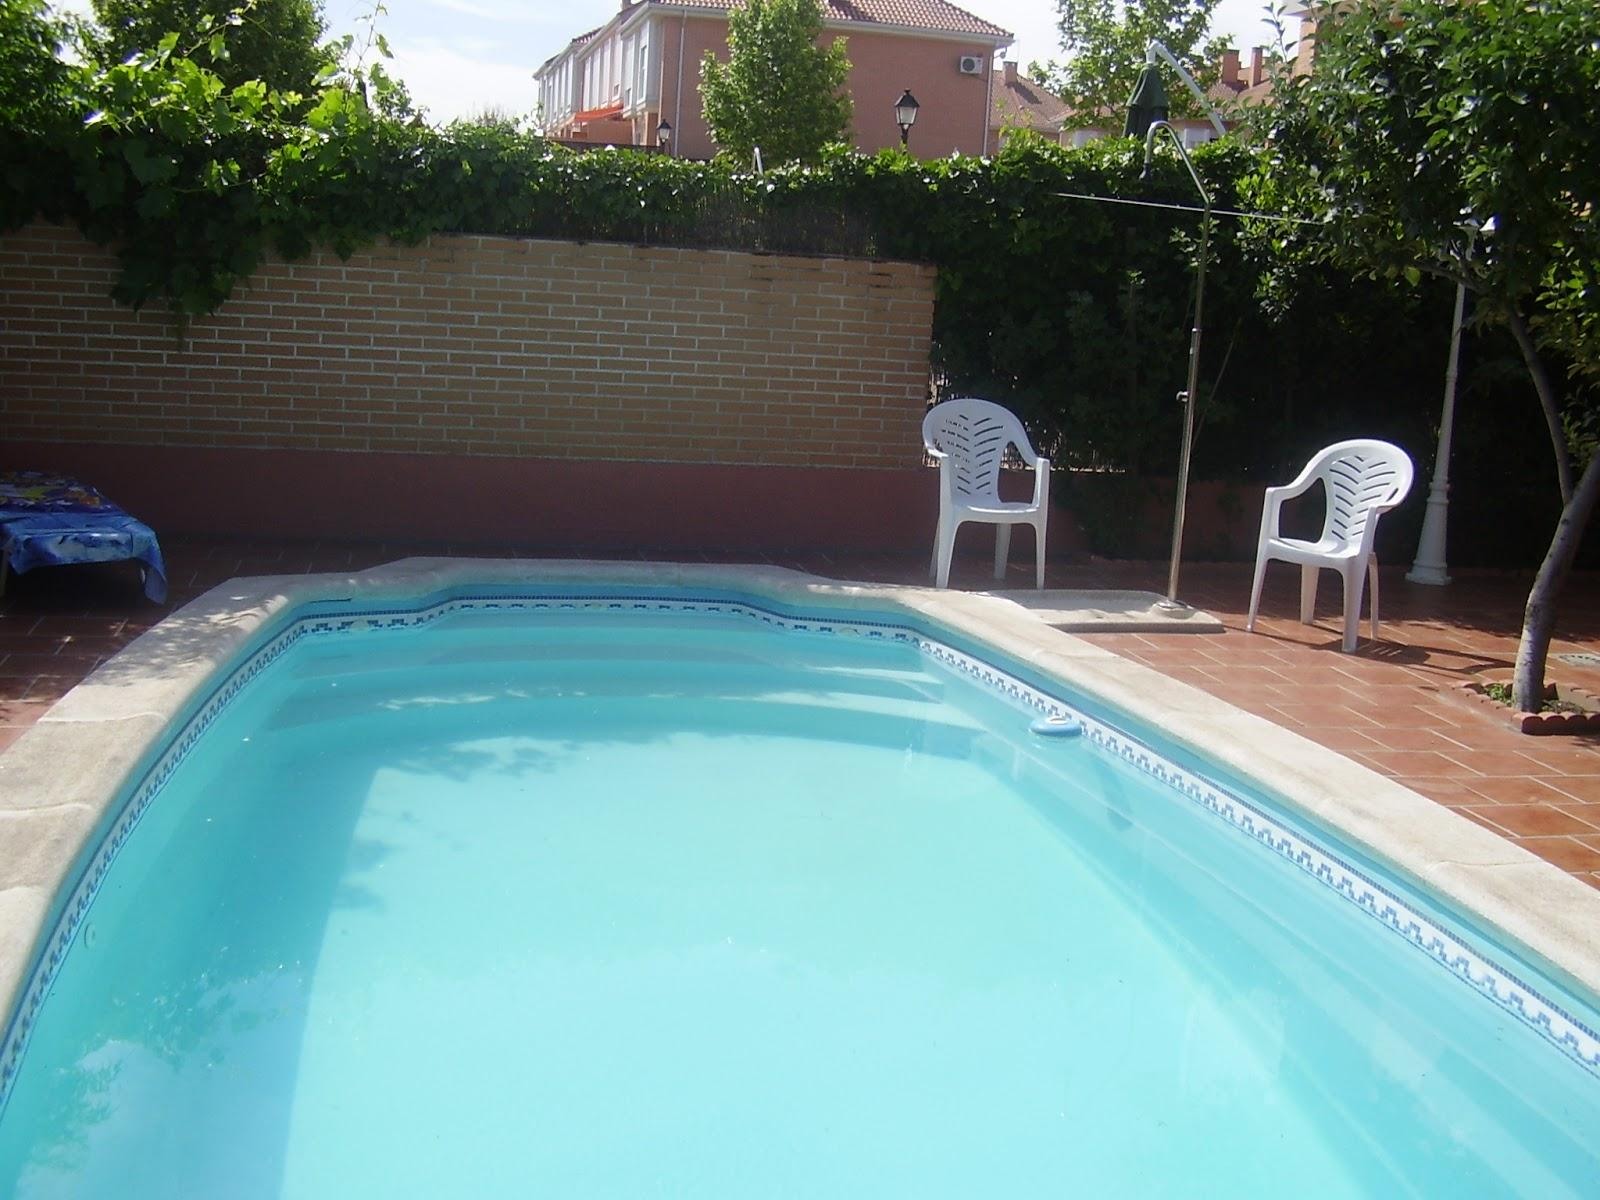 Para la comunidad construcci n piscinas en la comunidad for Construccion piscinas madrid